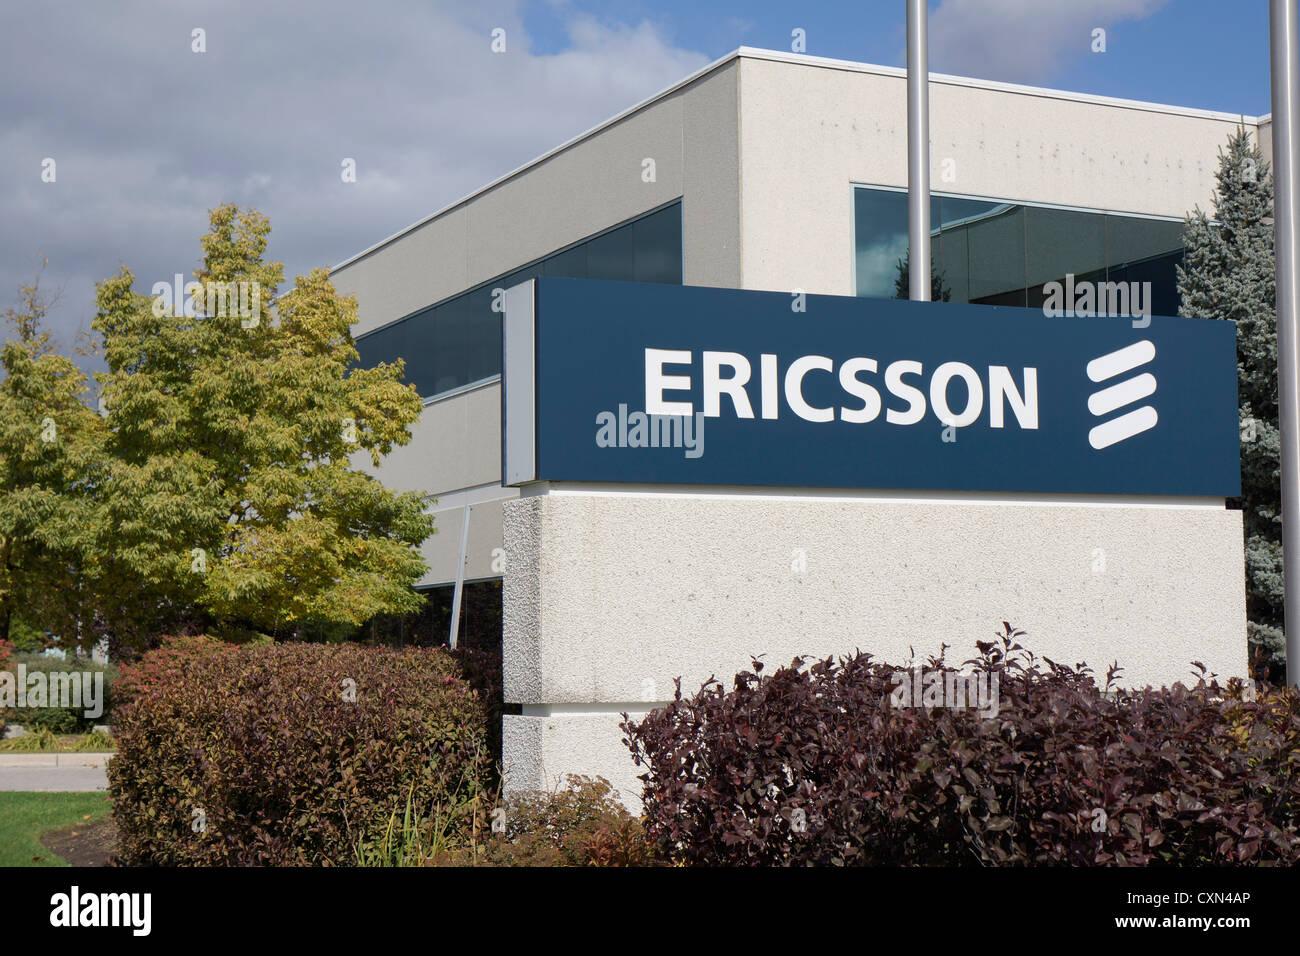 Ericsson, société à signer à l'extérieur du bureau Banque D'Images